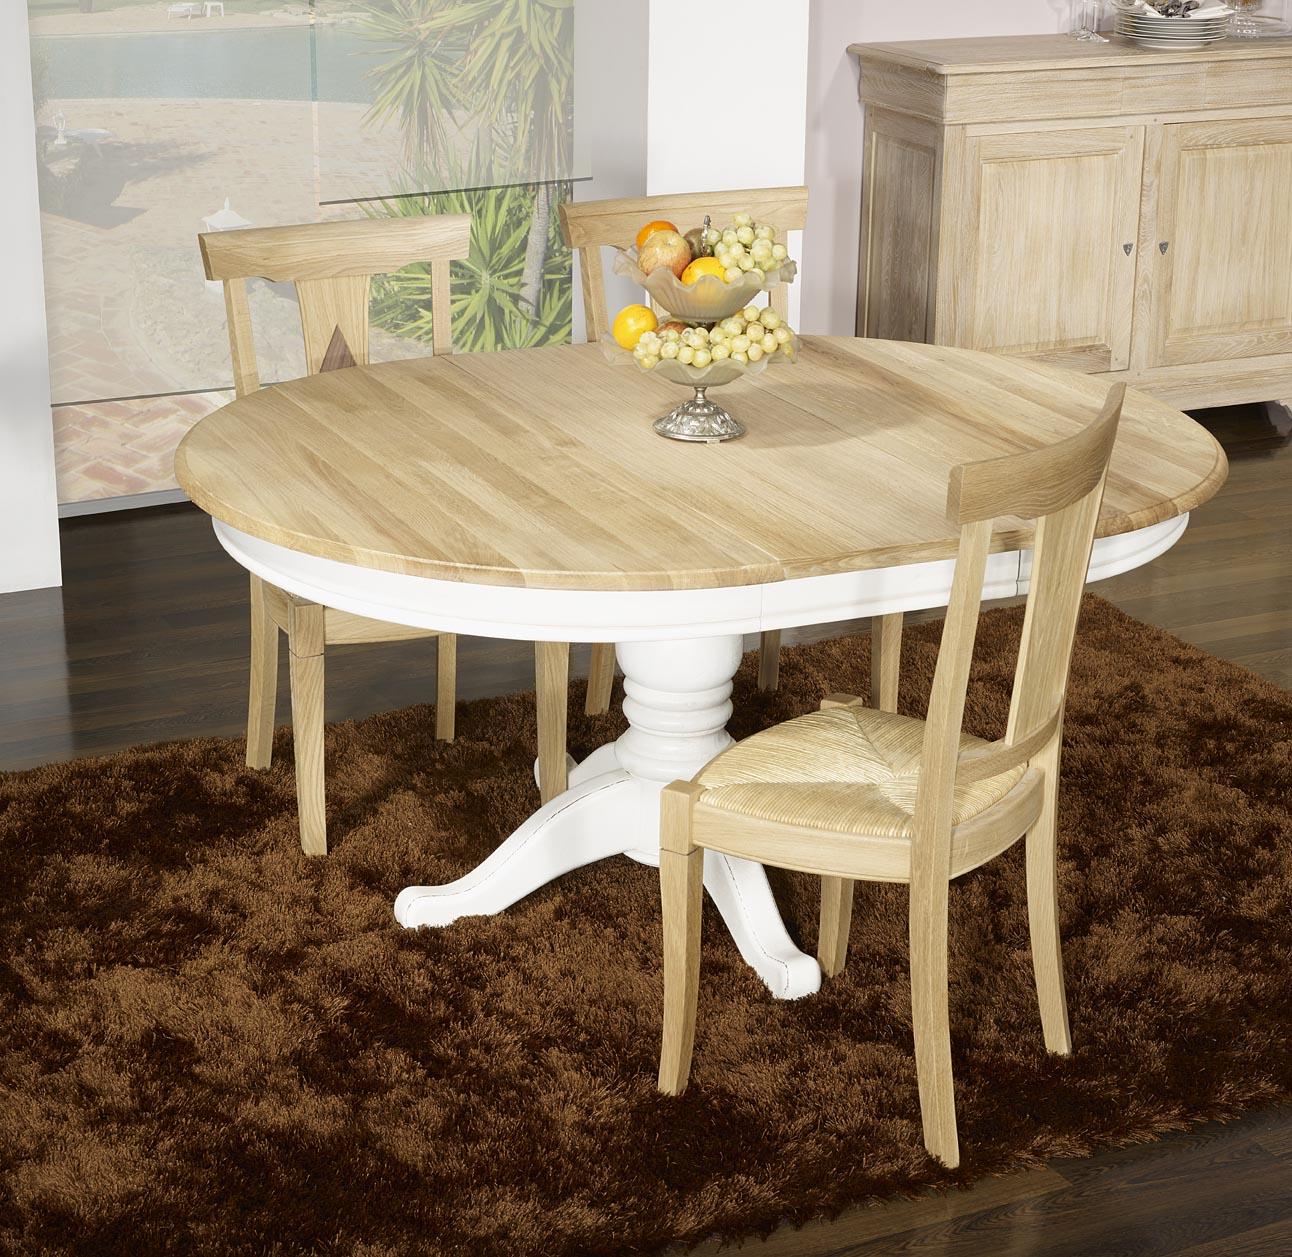 meuble en chne table ronde pied central ralise en chne massif de style louis philippe diametre. Black Bedroom Furniture Sets. Home Design Ideas